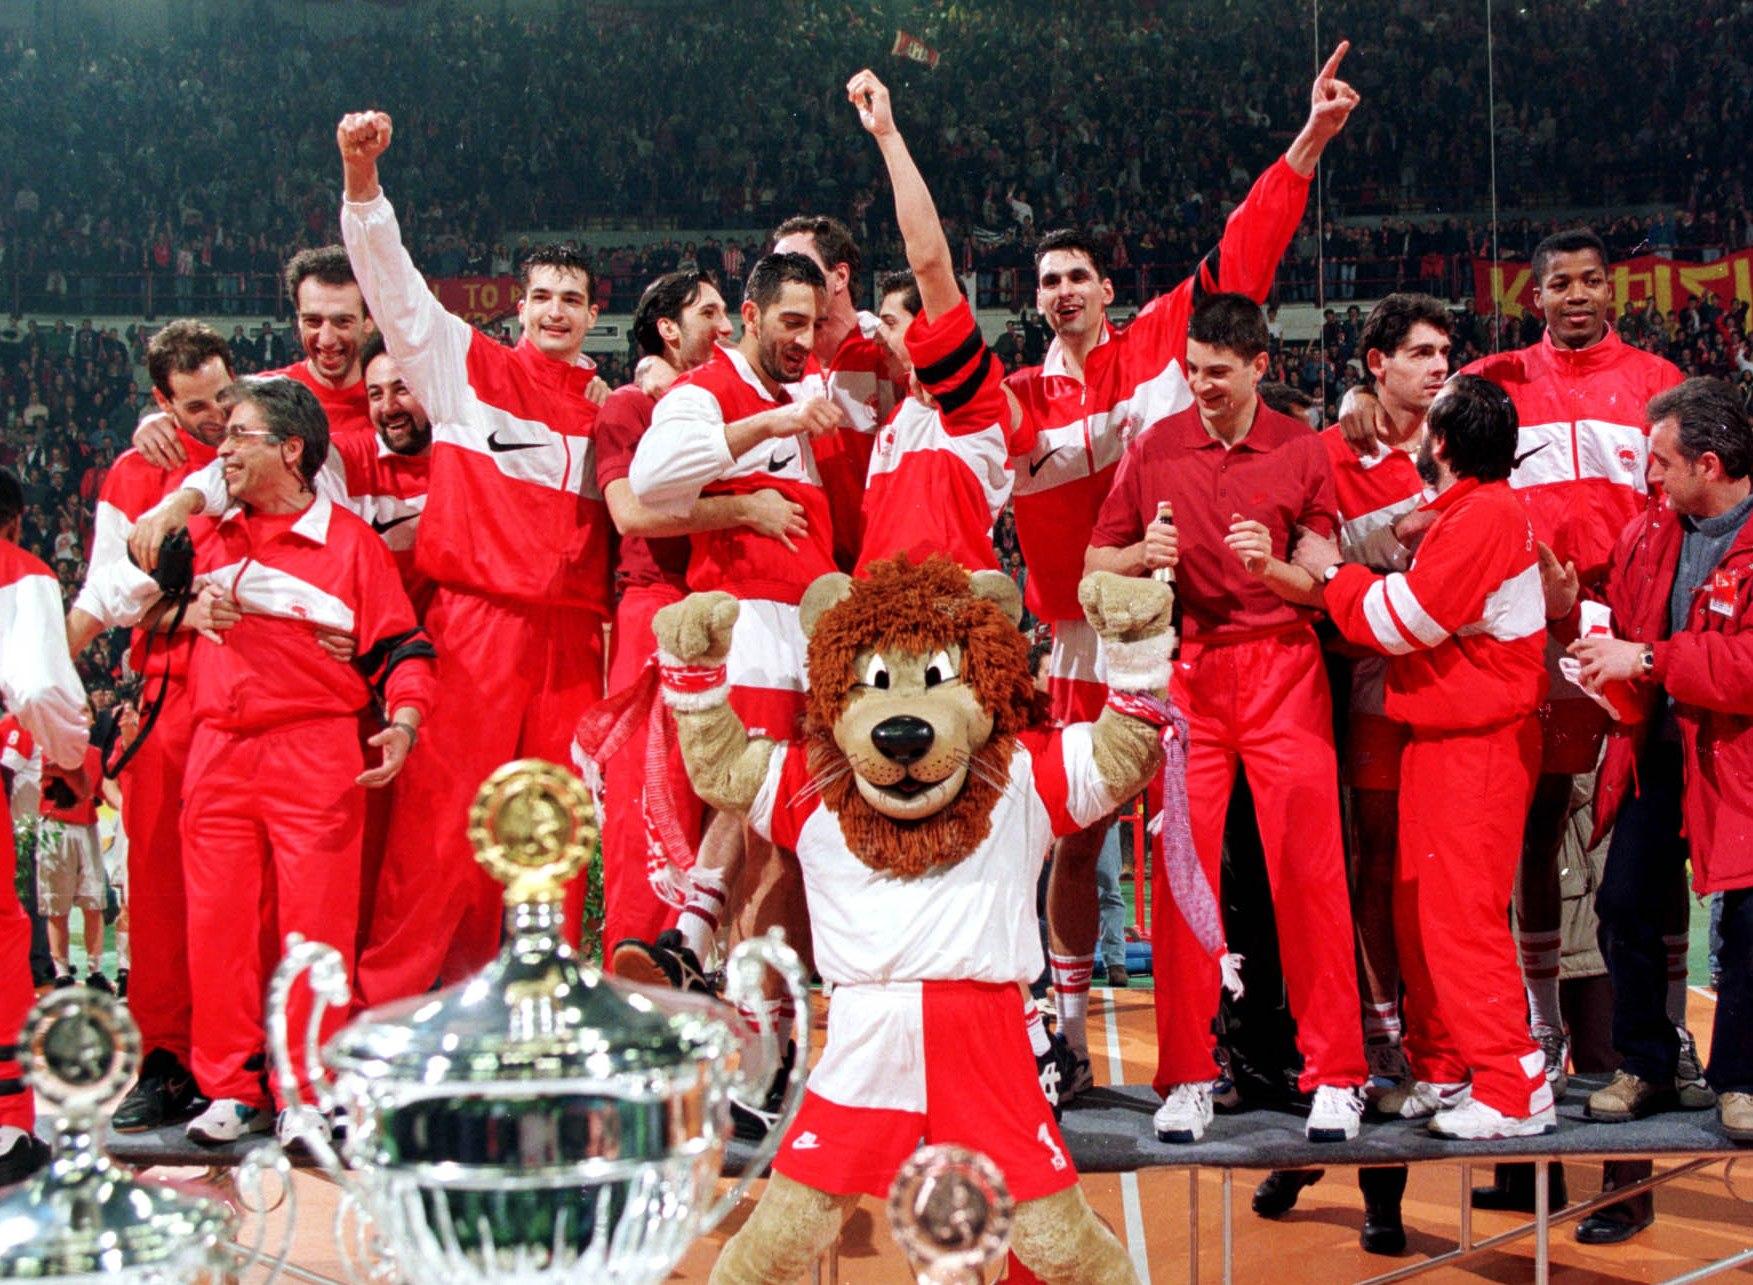 Σαν σήμερα το 1996 γιόρτασε τα γενέθλιά του με το Κύπελλο Κυπελλούχων